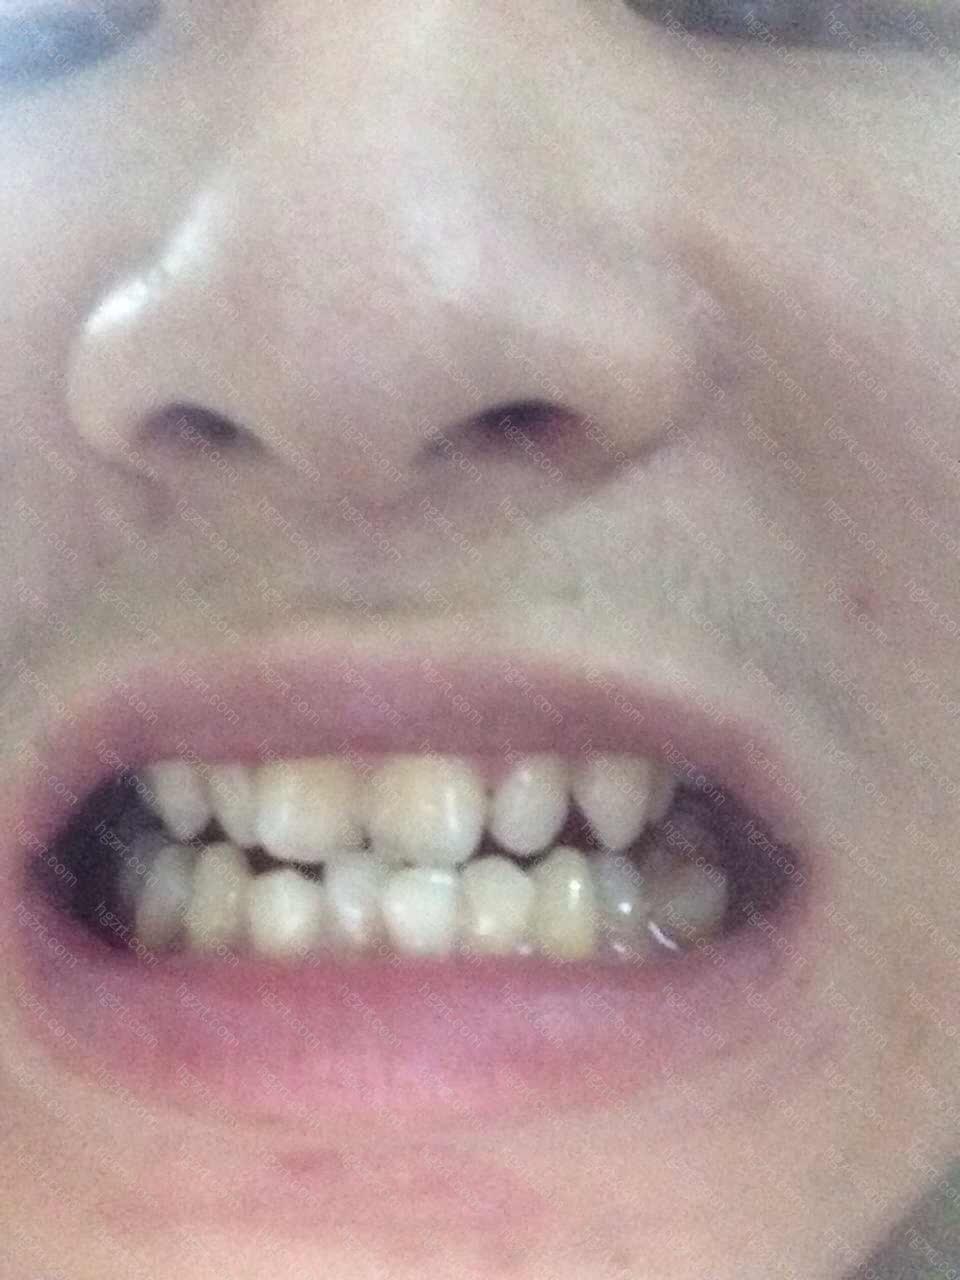 其实您只需要对牙齿就行美容修复